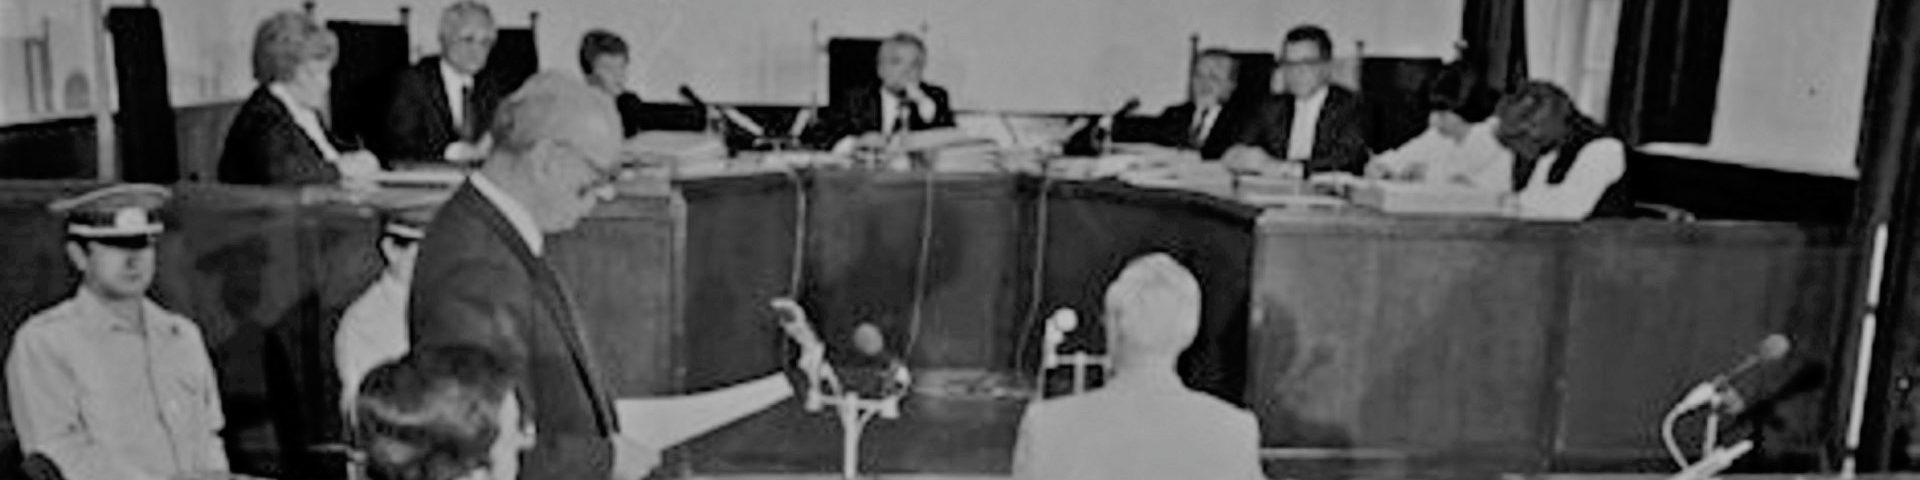 Wer Nazi war, bestimmen wir | Die SED-Diktatur und die NS-Vergangenheit